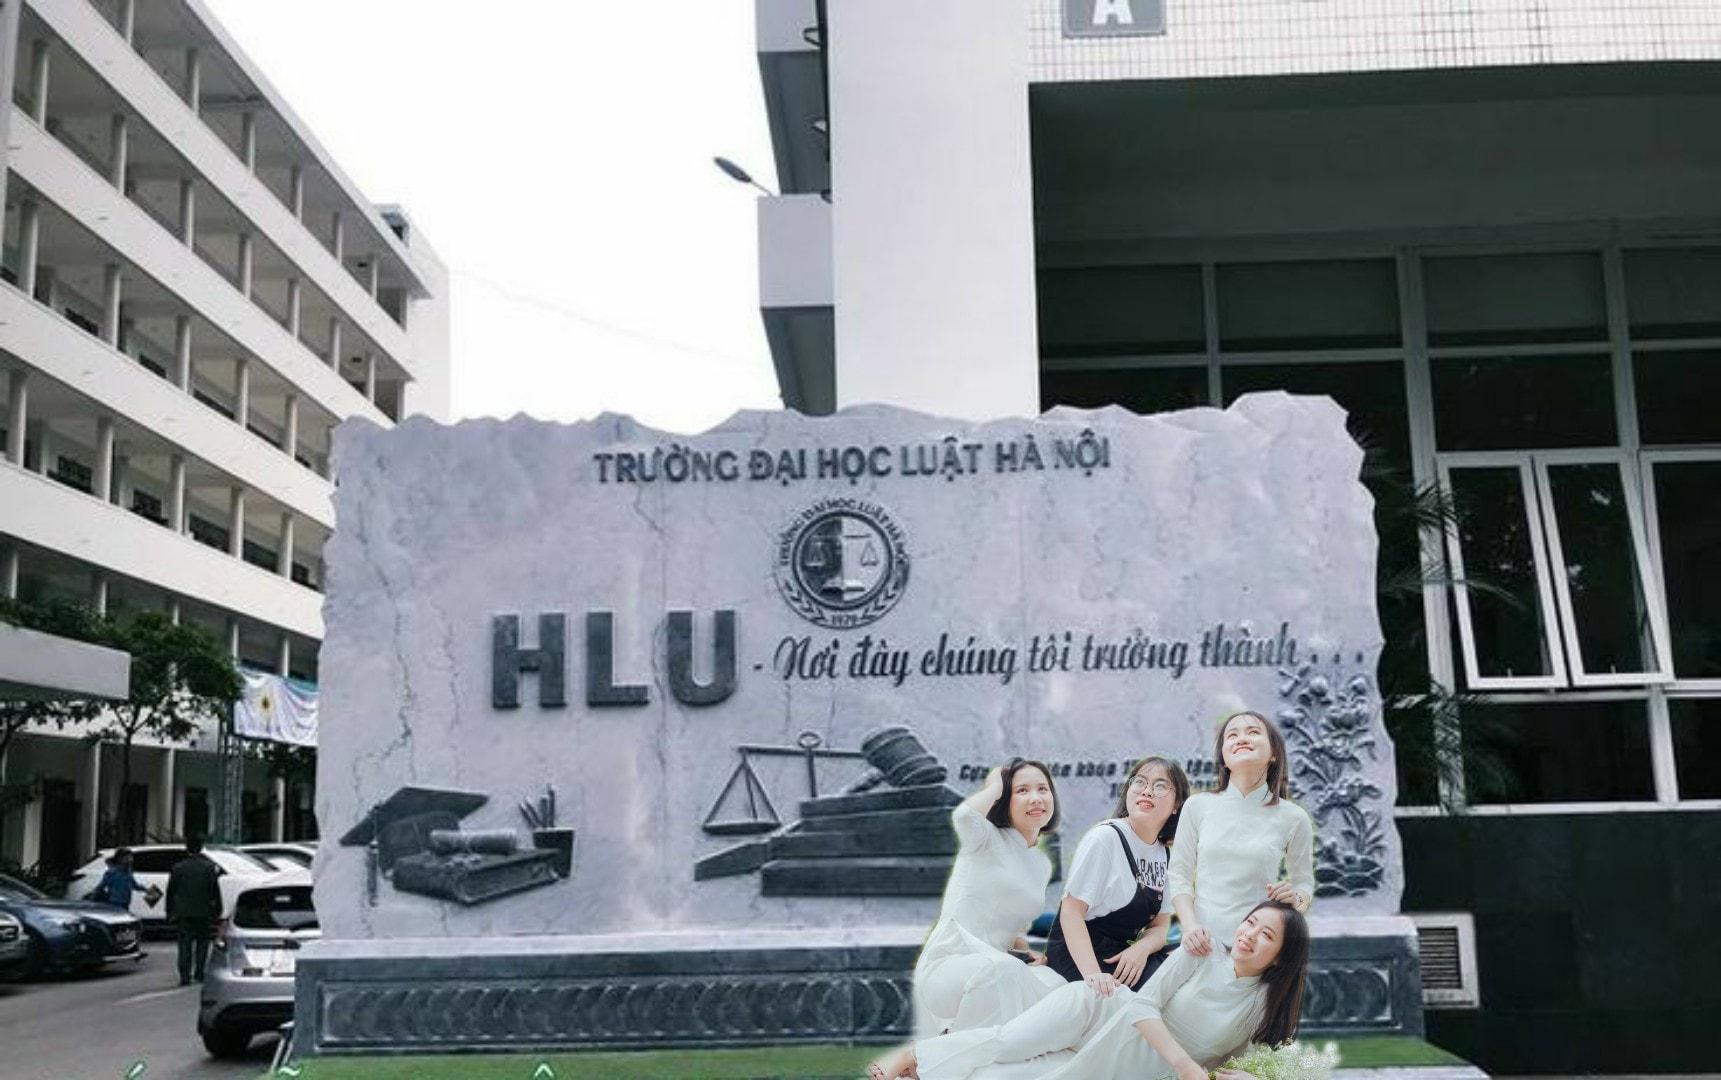 4 nữ sinh xinh đẹp cùng đỗ vào 7 trường đại học cực khủng ở Hà Nội, ai cũng phải choáng cho đến khi phát hiện ra một điều lạ - Ảnh 4.